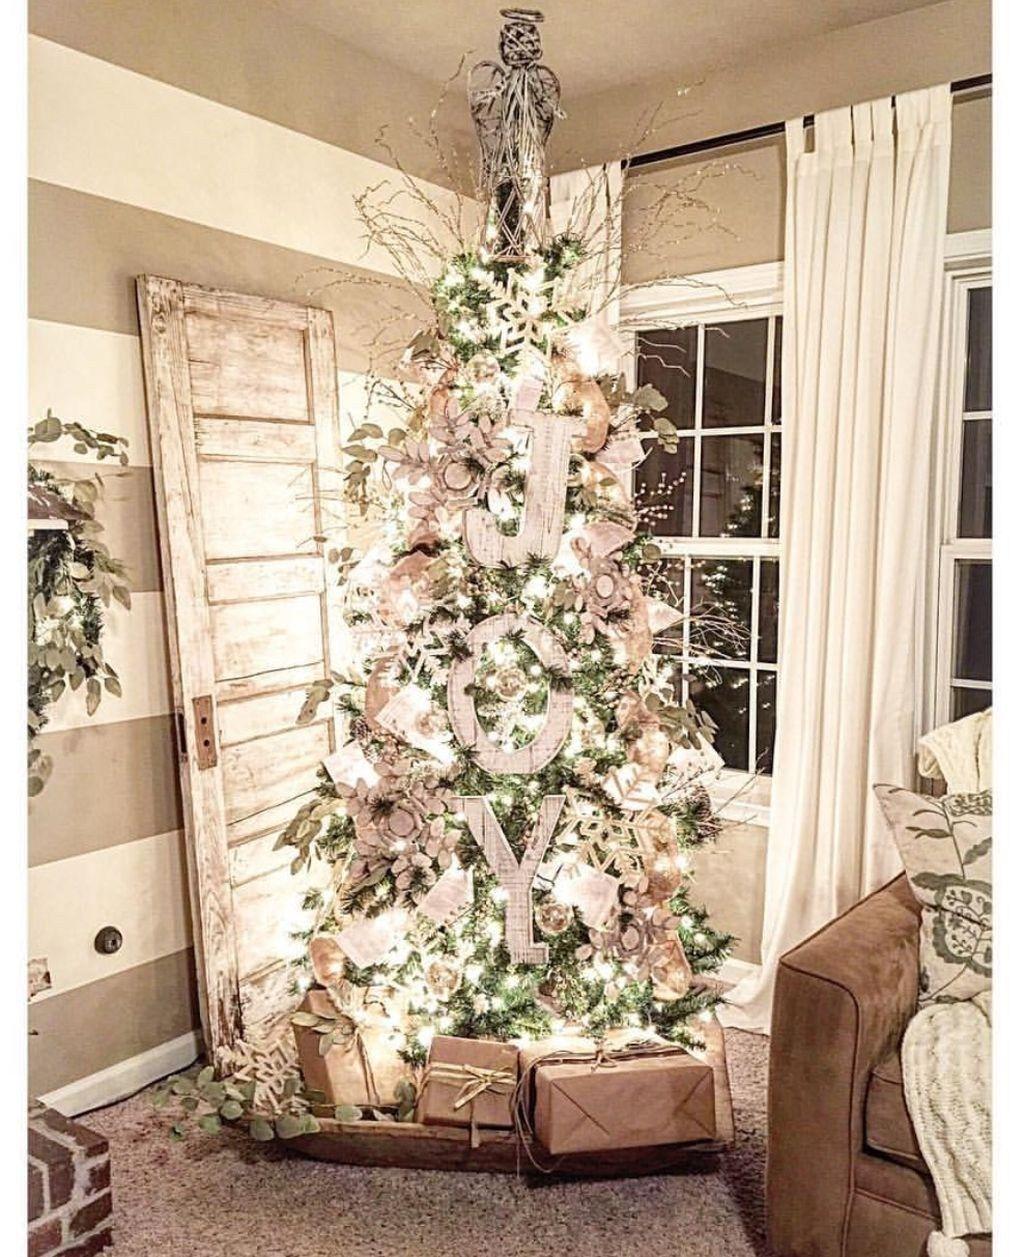 41 Incredible Farmhouse Decor Ideas: Incredible Rustic Farmhouse Christmas Decoration Ideas 55